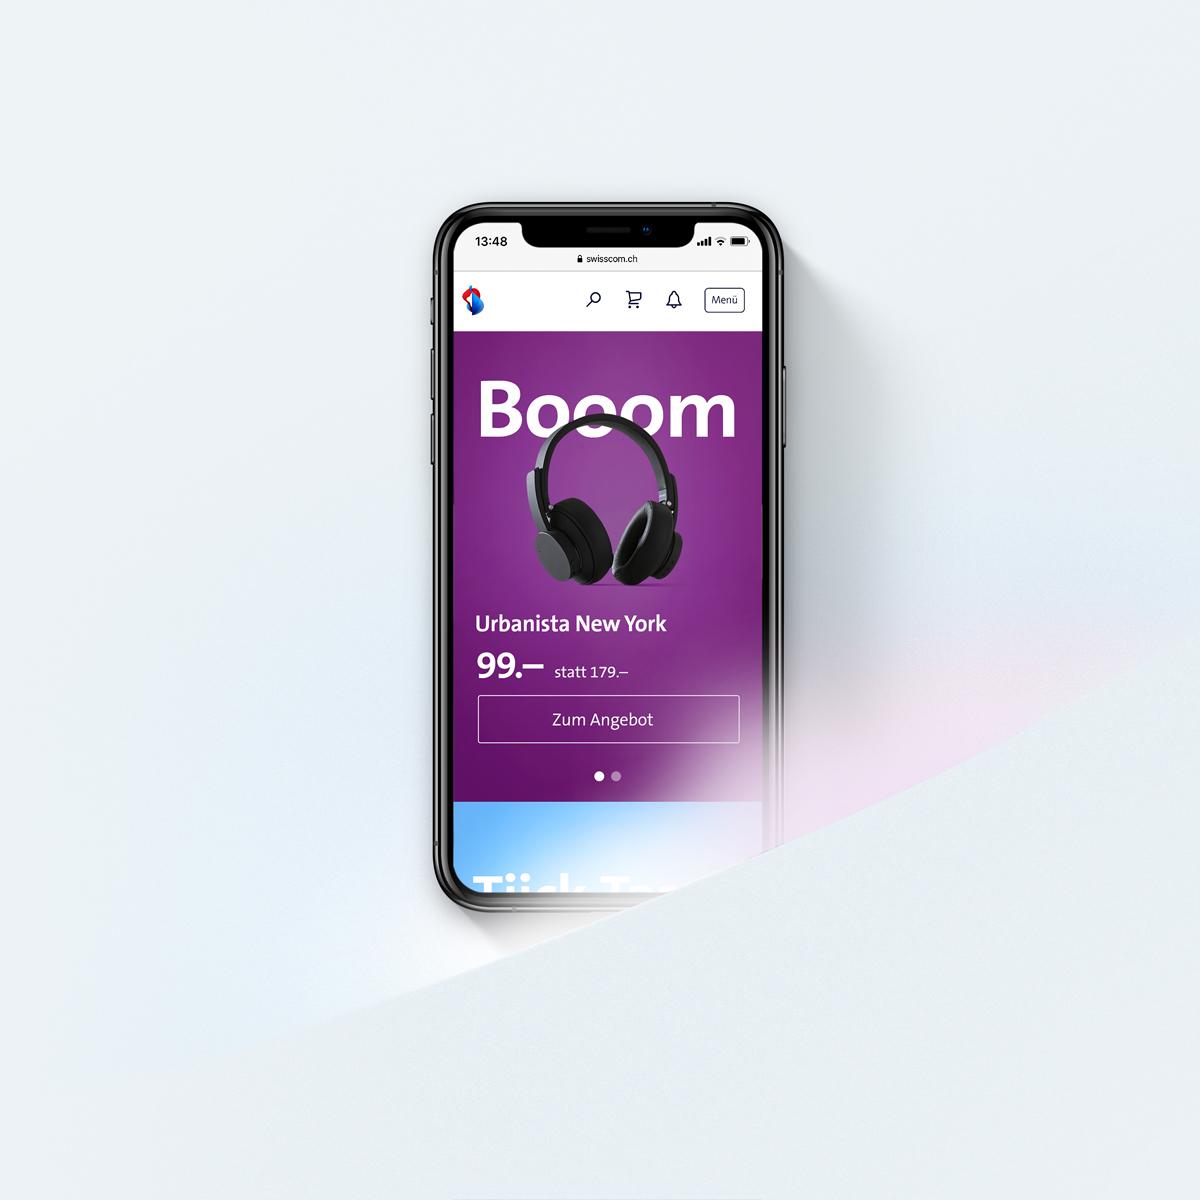 Displaykampagne auf Smartphone für Kopfhörer